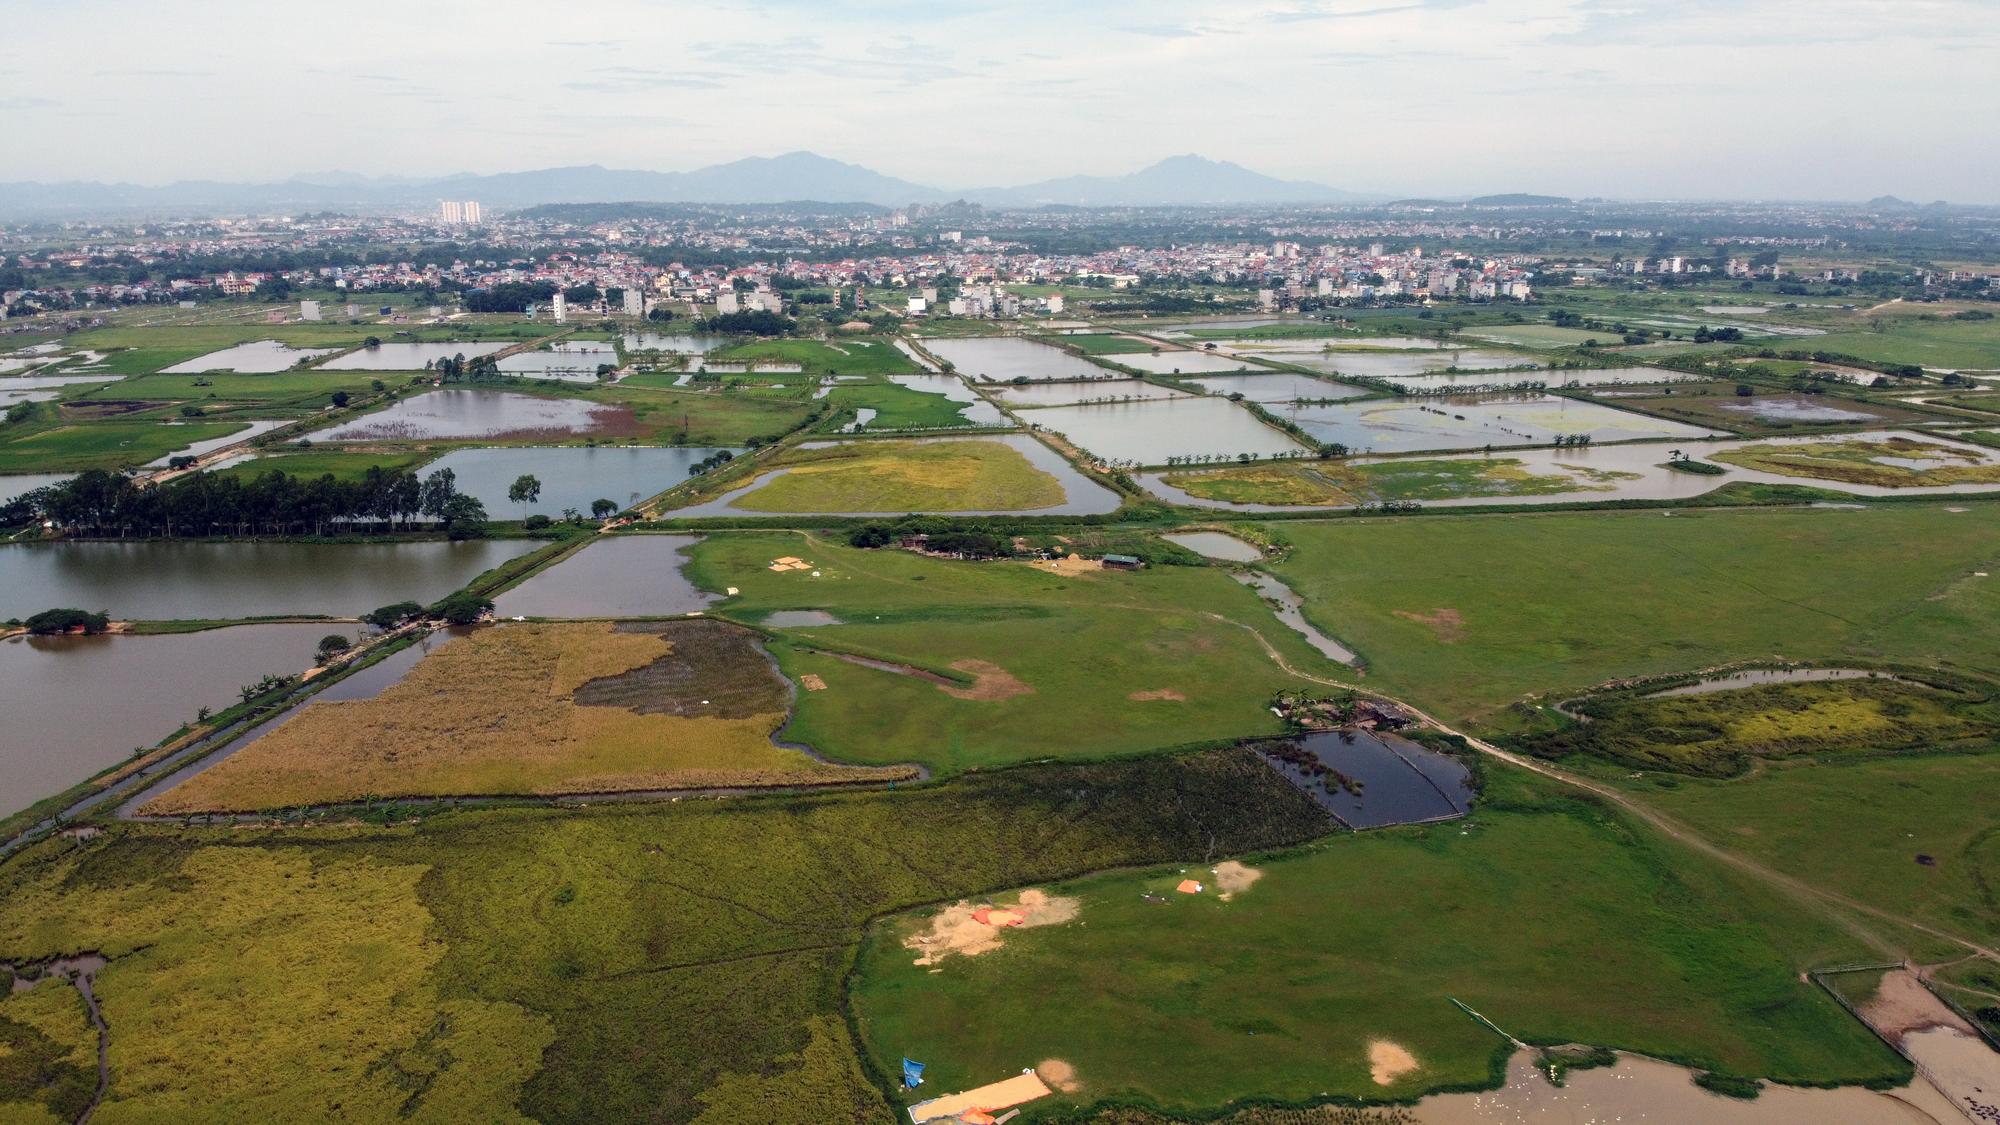 Những mảnh đất sẽ được đào hồ lớn ở quận Hà Đông - Ảnh 14.